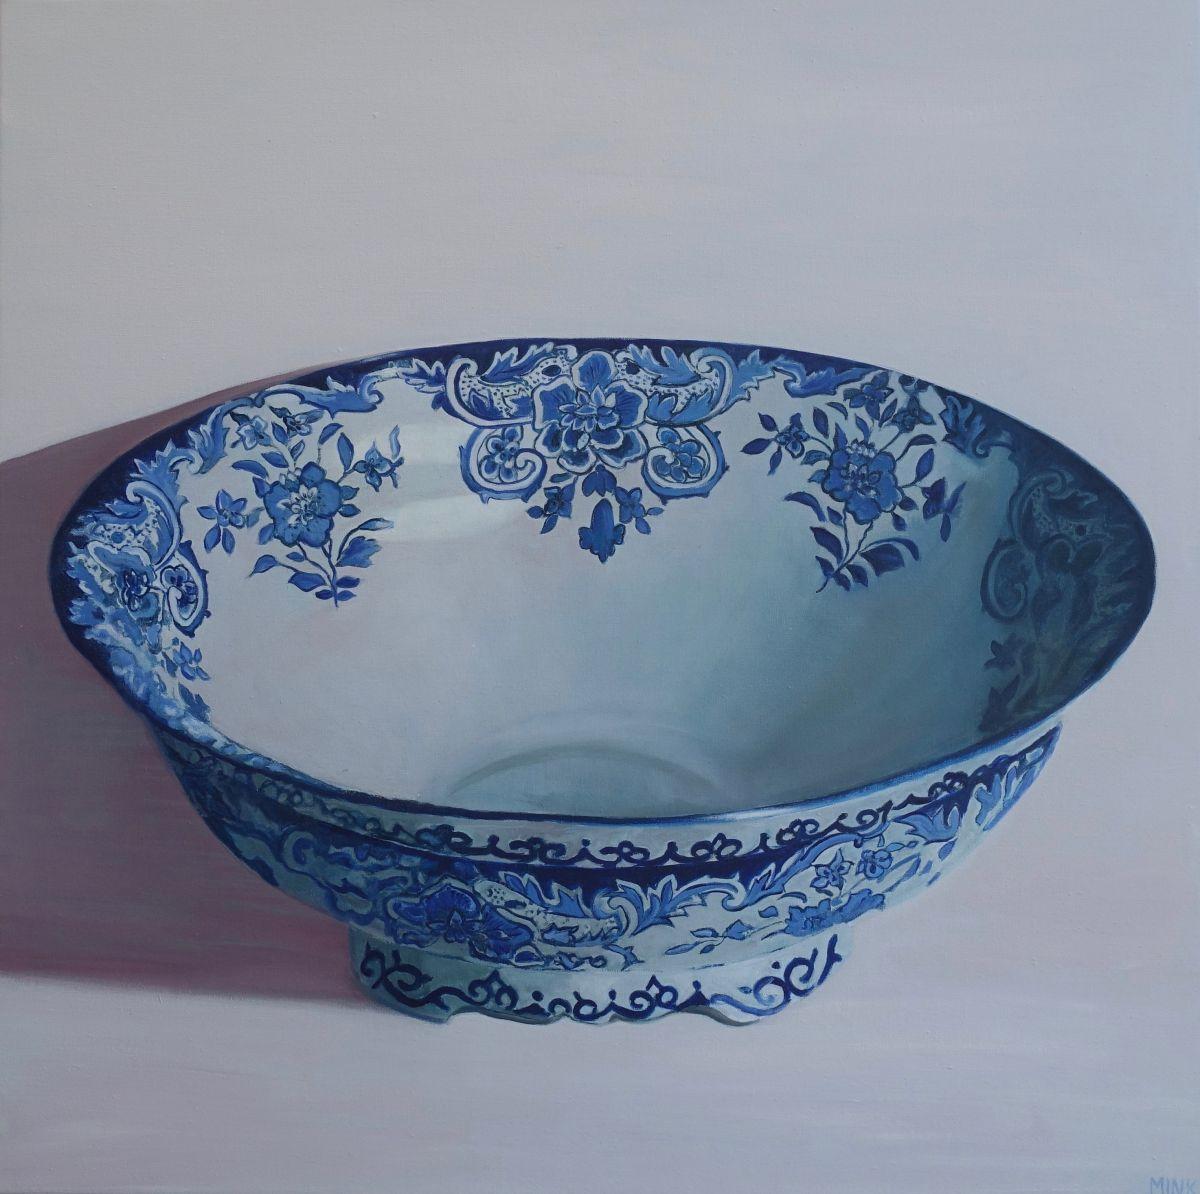 Kunst: Dordrecht – Delftware Bowl van kunstenaar Minke Buikema